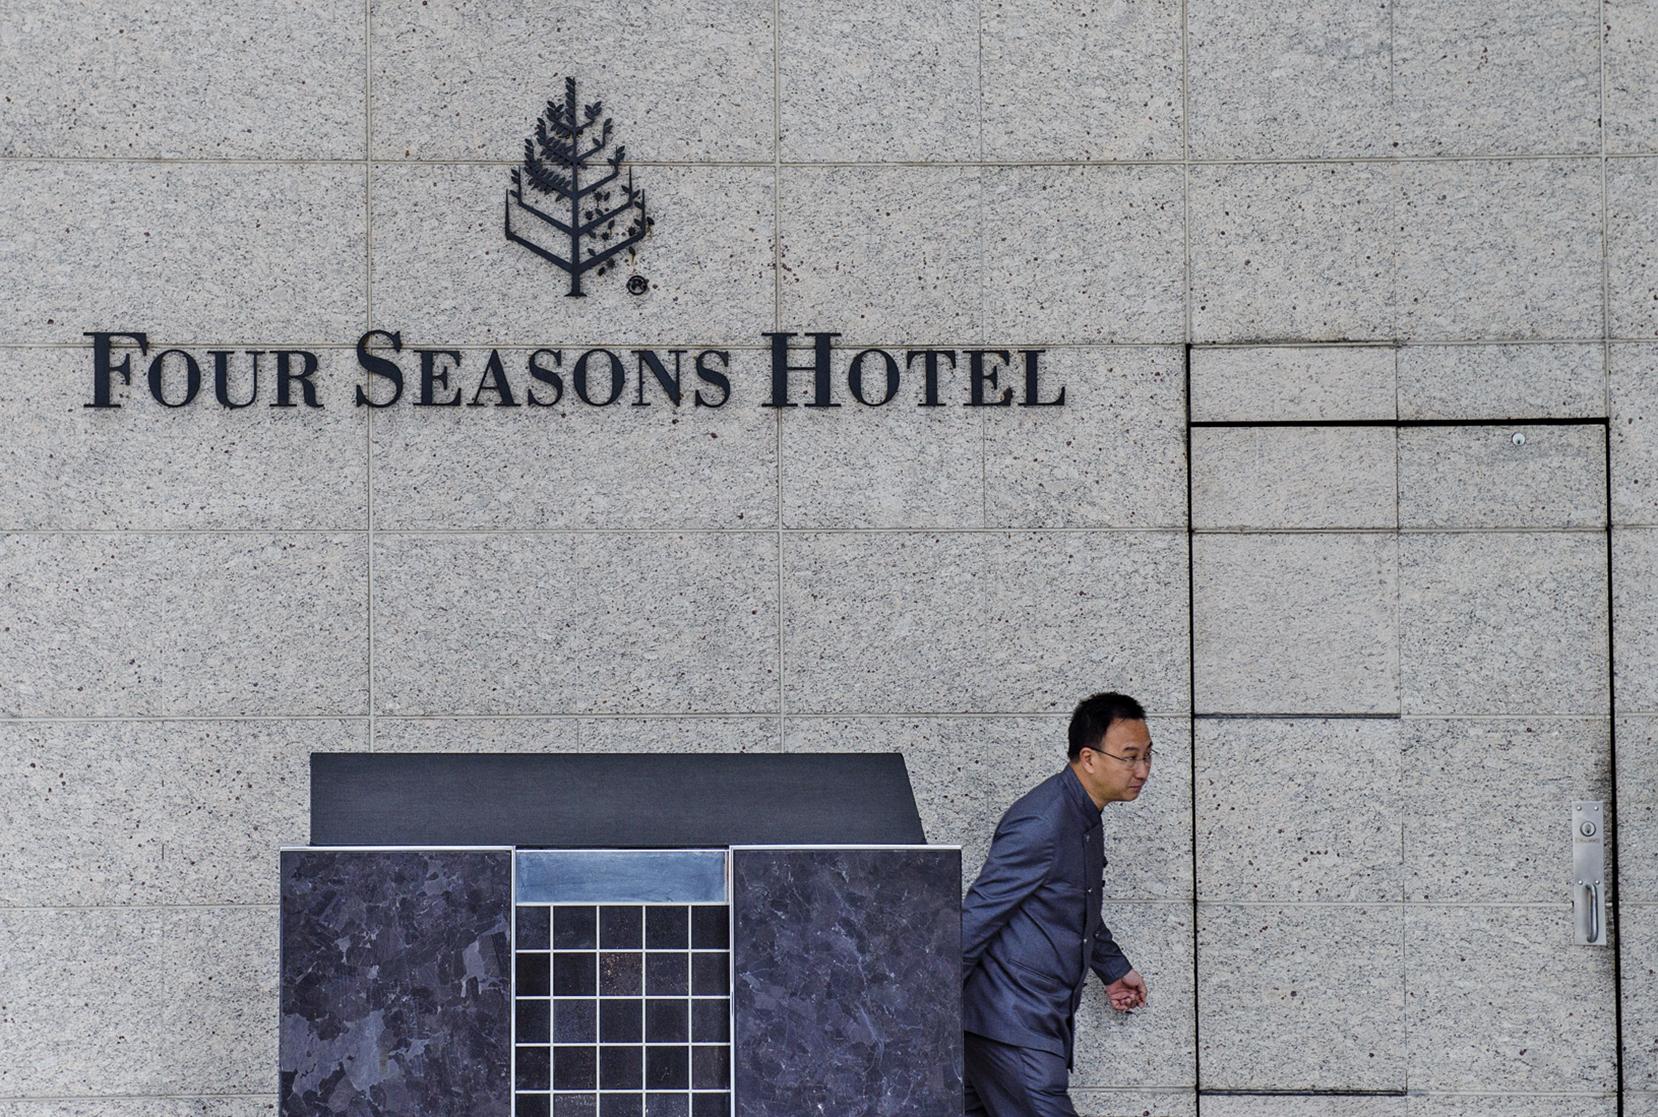 中國億萬富豪肖建華的失蹤讓中國金融領域的大亨們不寒而慄,專家稱背後還有原因。(Getty Images)